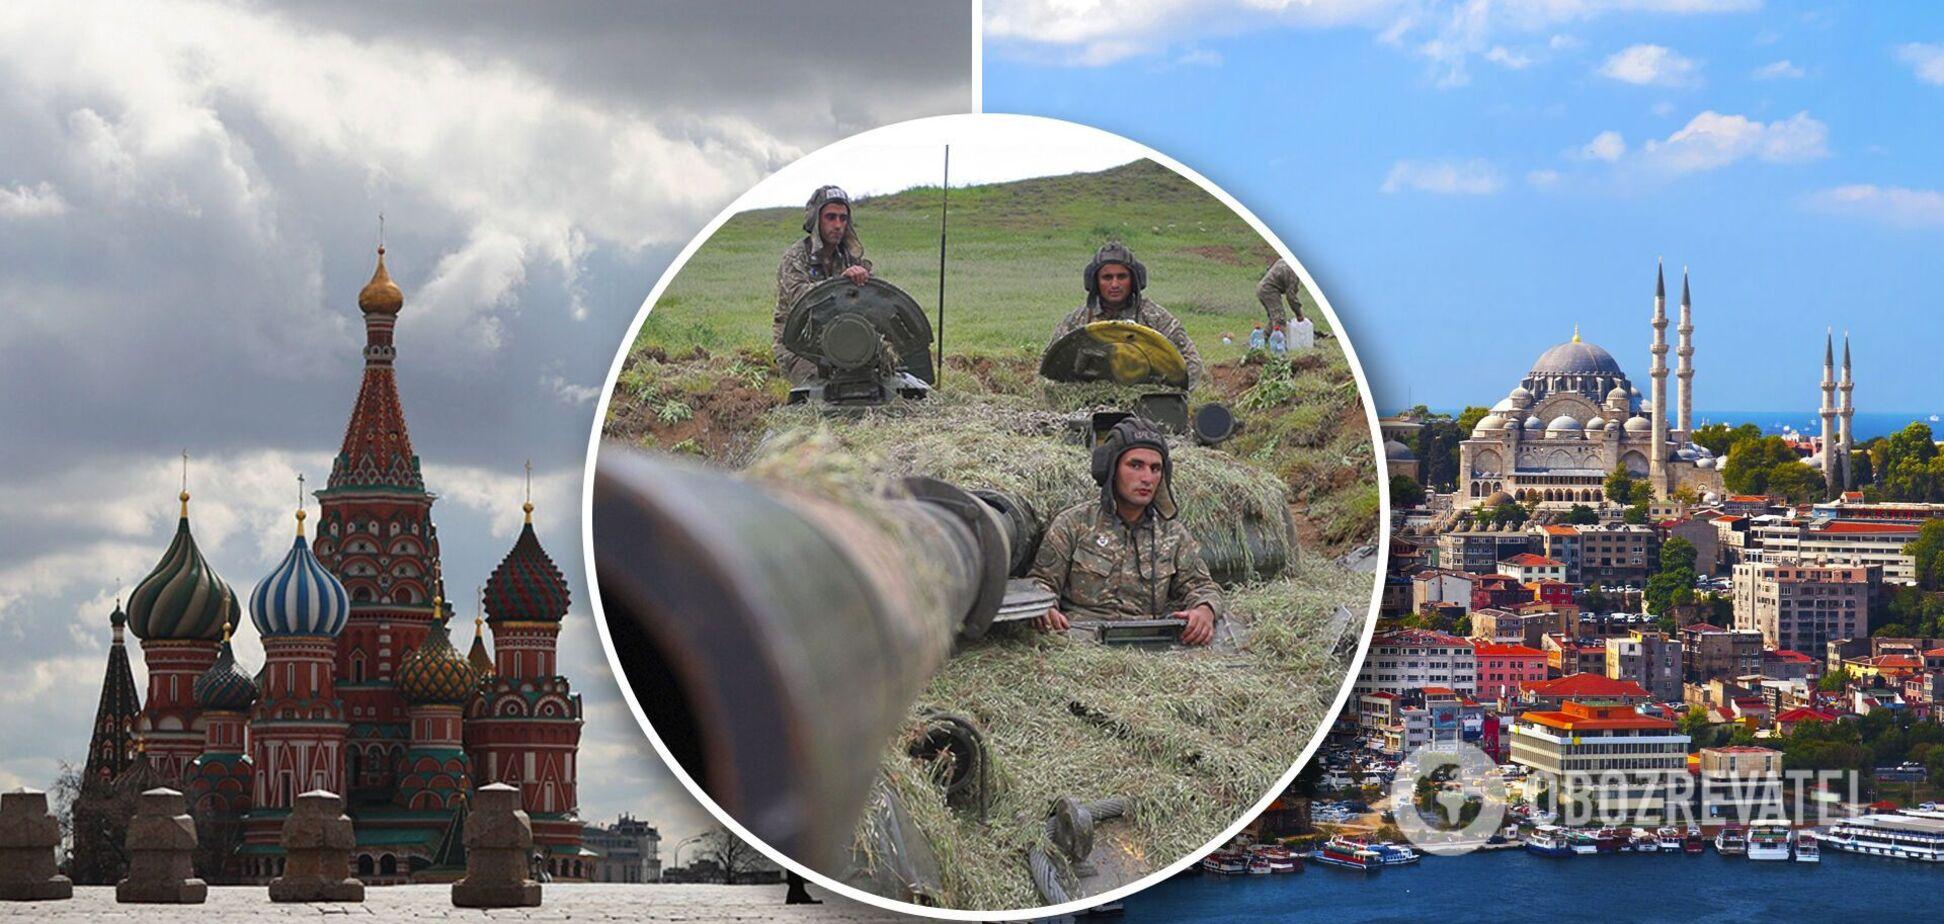 Турция и Россия могут начать войну за влияние в Нагорном Карабахе? Остановит ли Запад новую эскалацию в мире